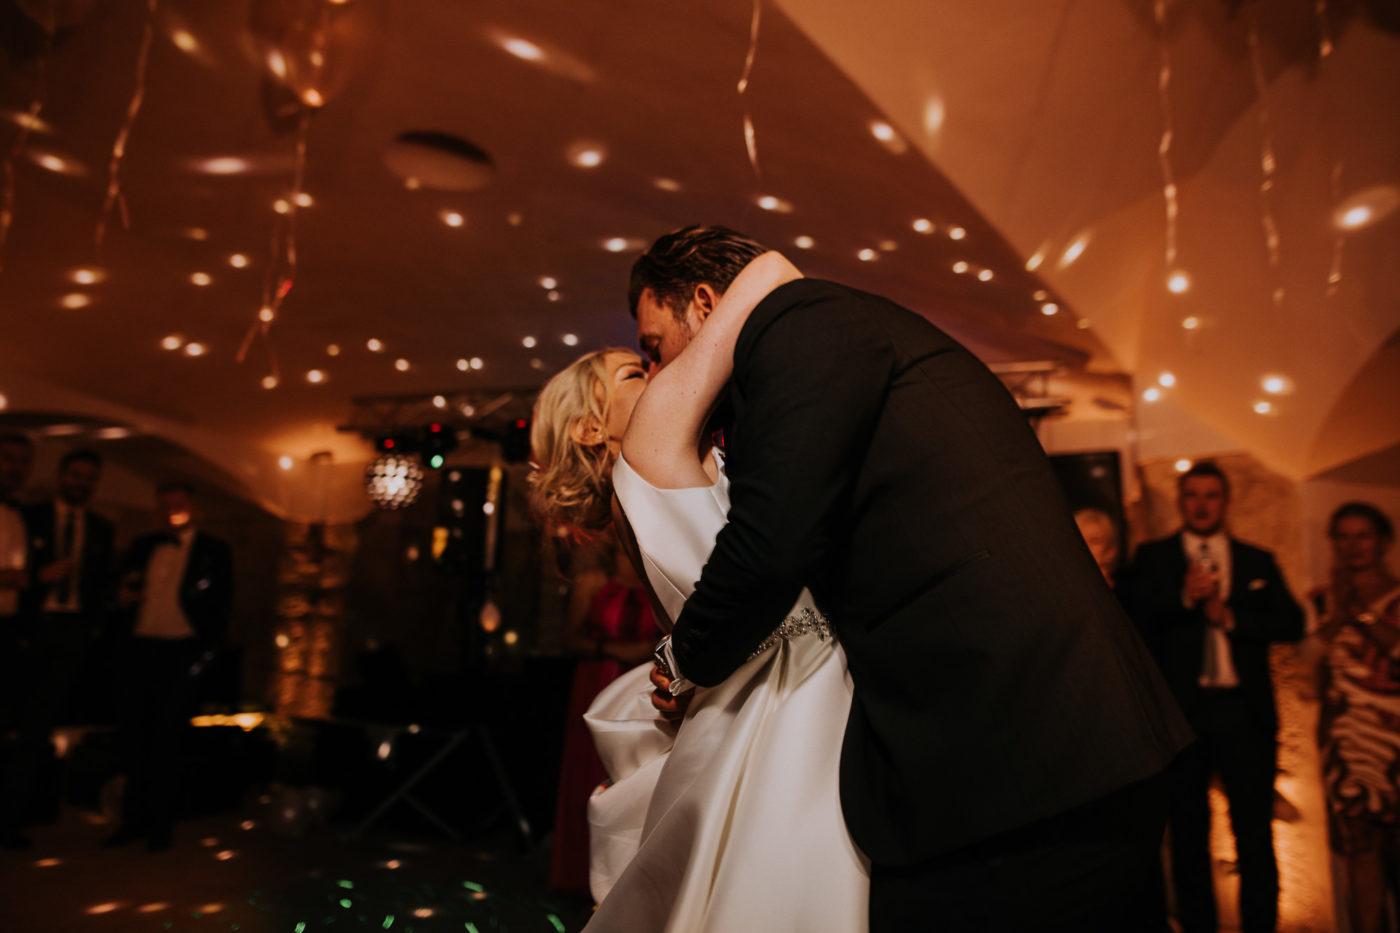 Ein Brautkuss während des Hochzeitstanzes